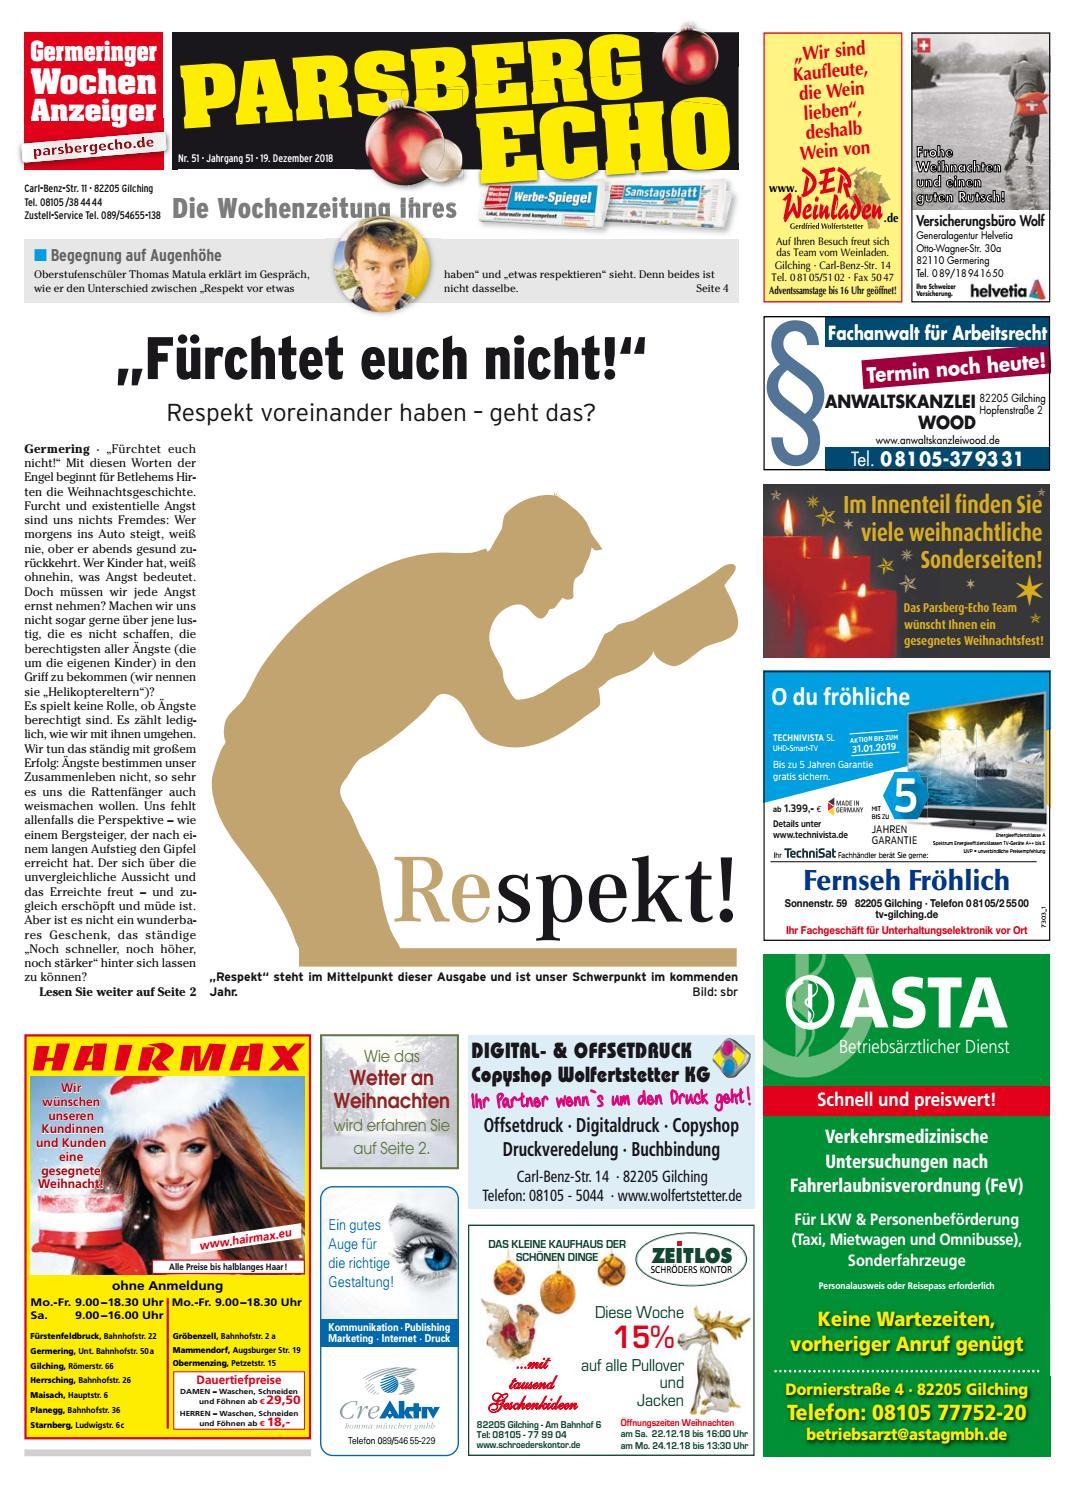 Weihnachtsgrüße Zeitungszusteller.Kw 51 2018 By Wochenanzeiger Medien Gmbh Issuu